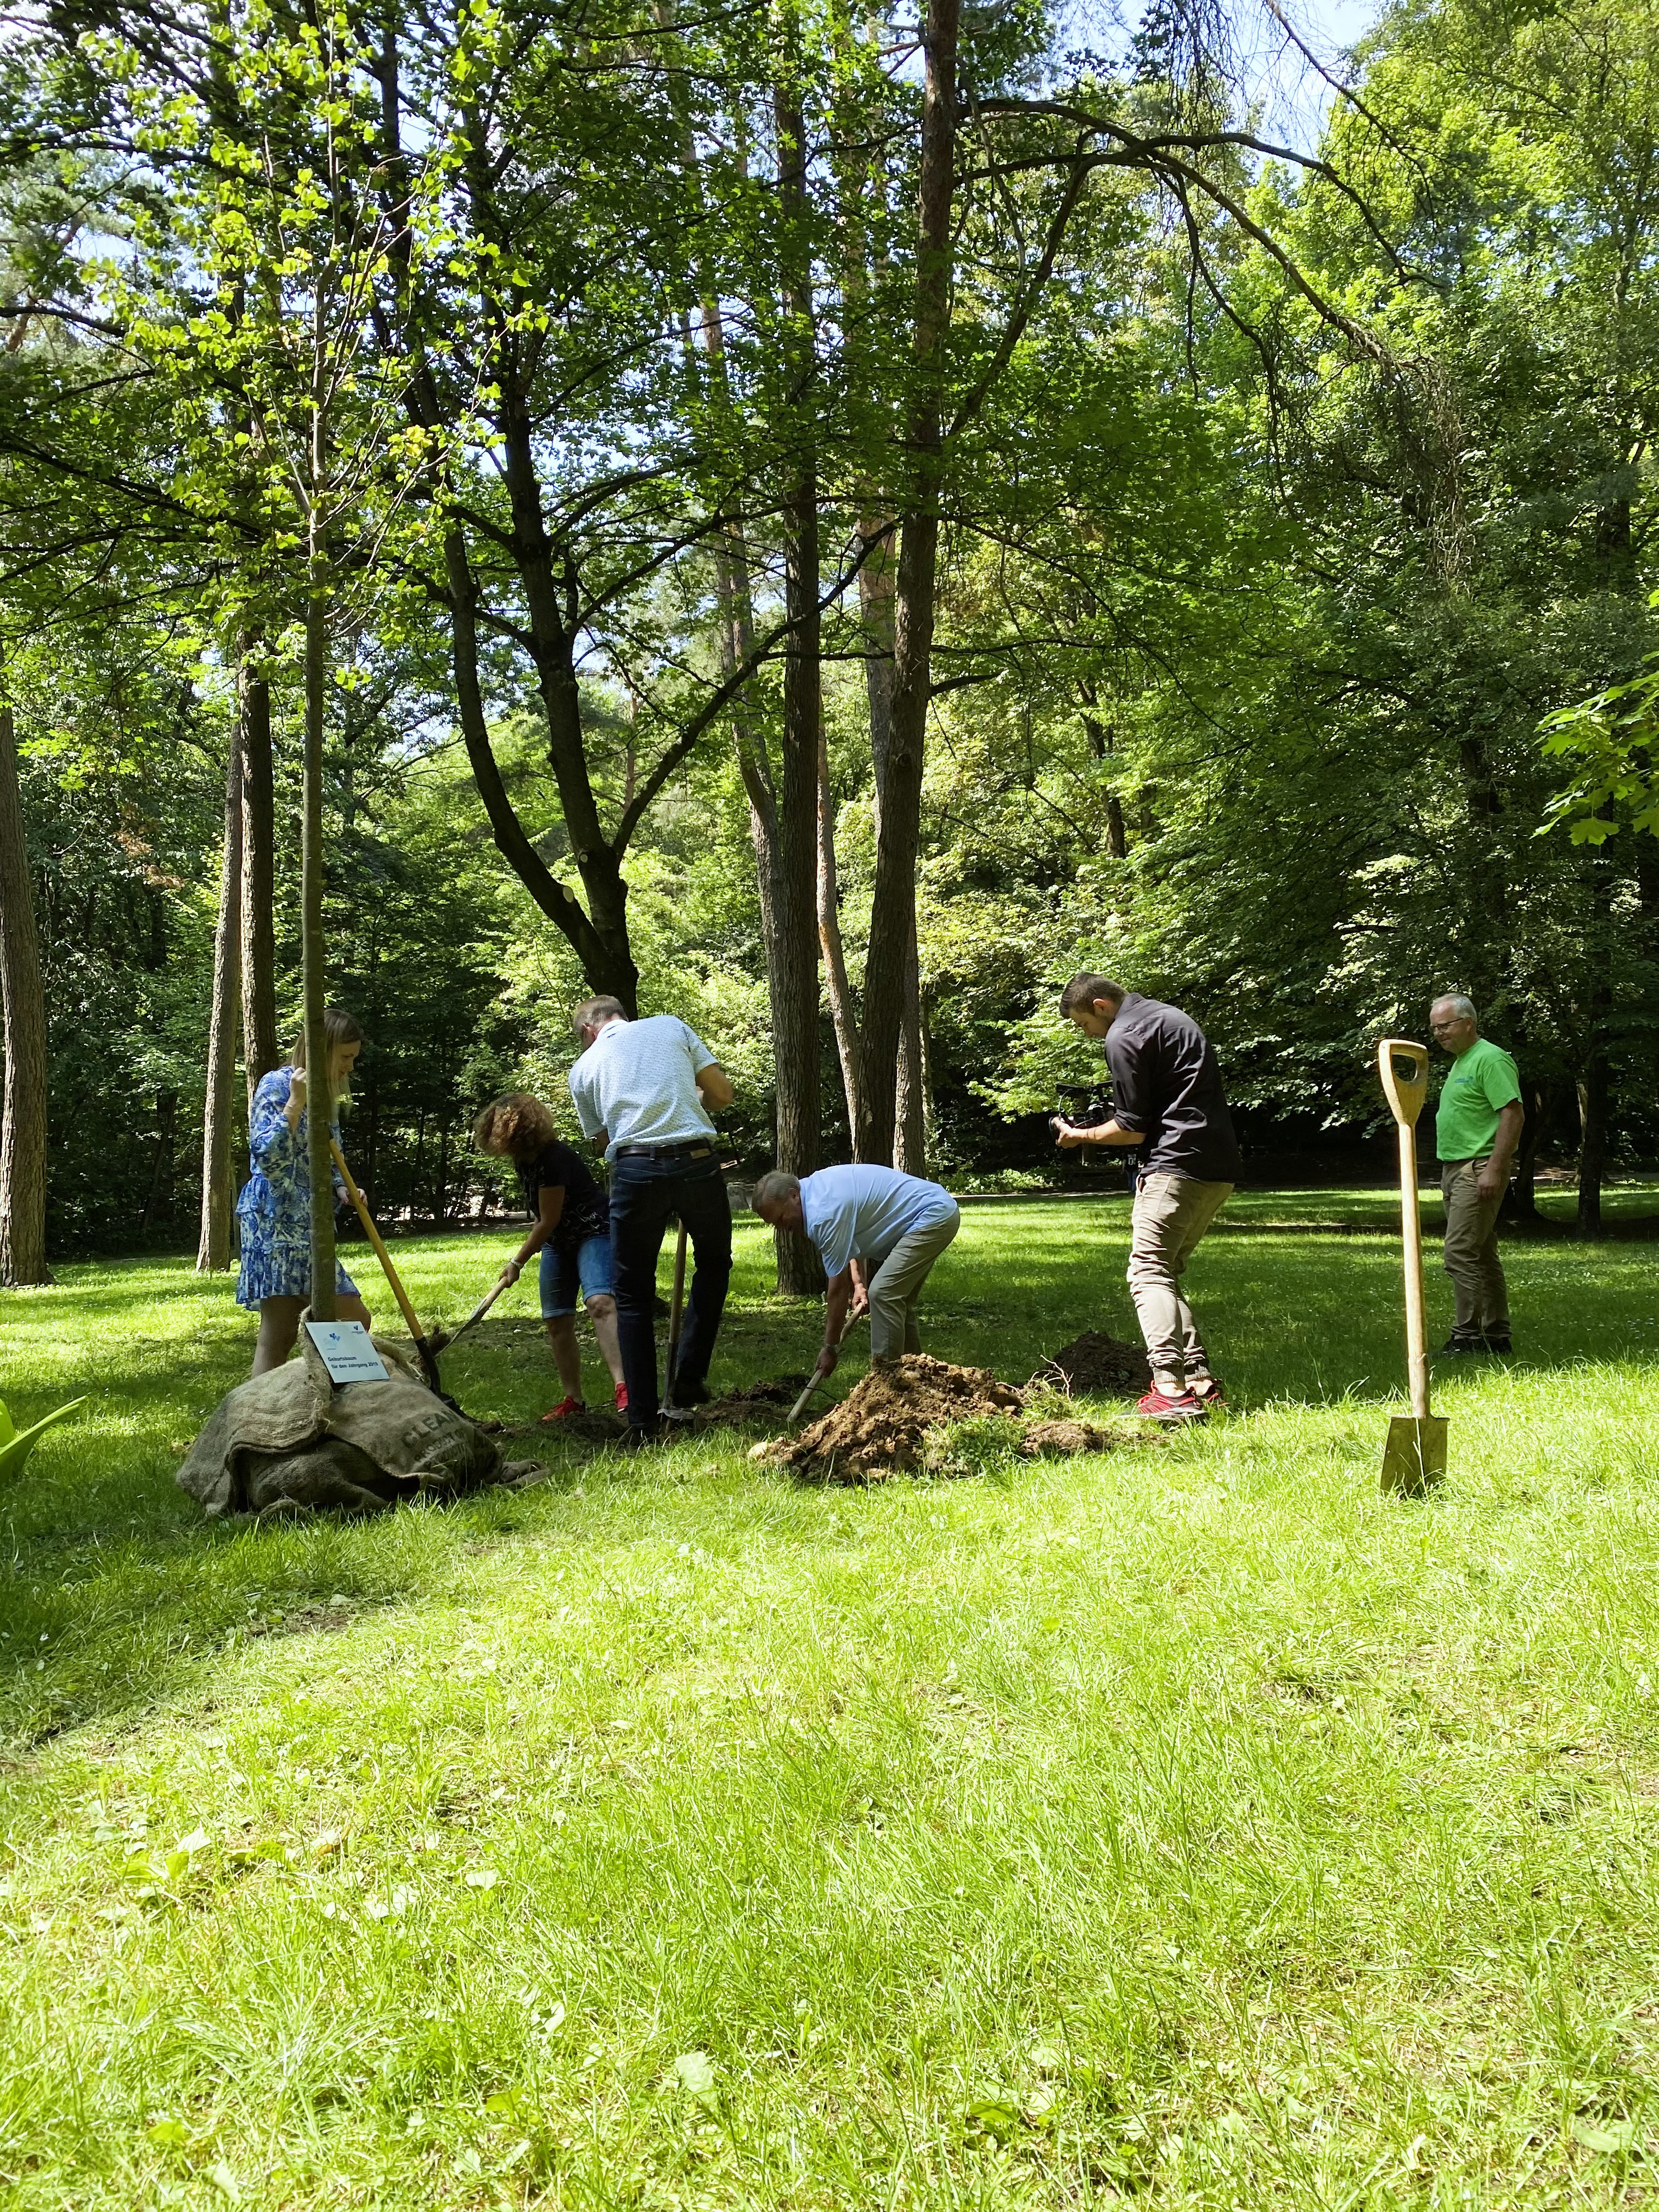 Bürgermeister Robert Pötzsch pflanzt gemeinsam mit Vertretern des Stadtrats im Rahmen des Geburtsbaumpflanzens eine Linde im Stadtpark